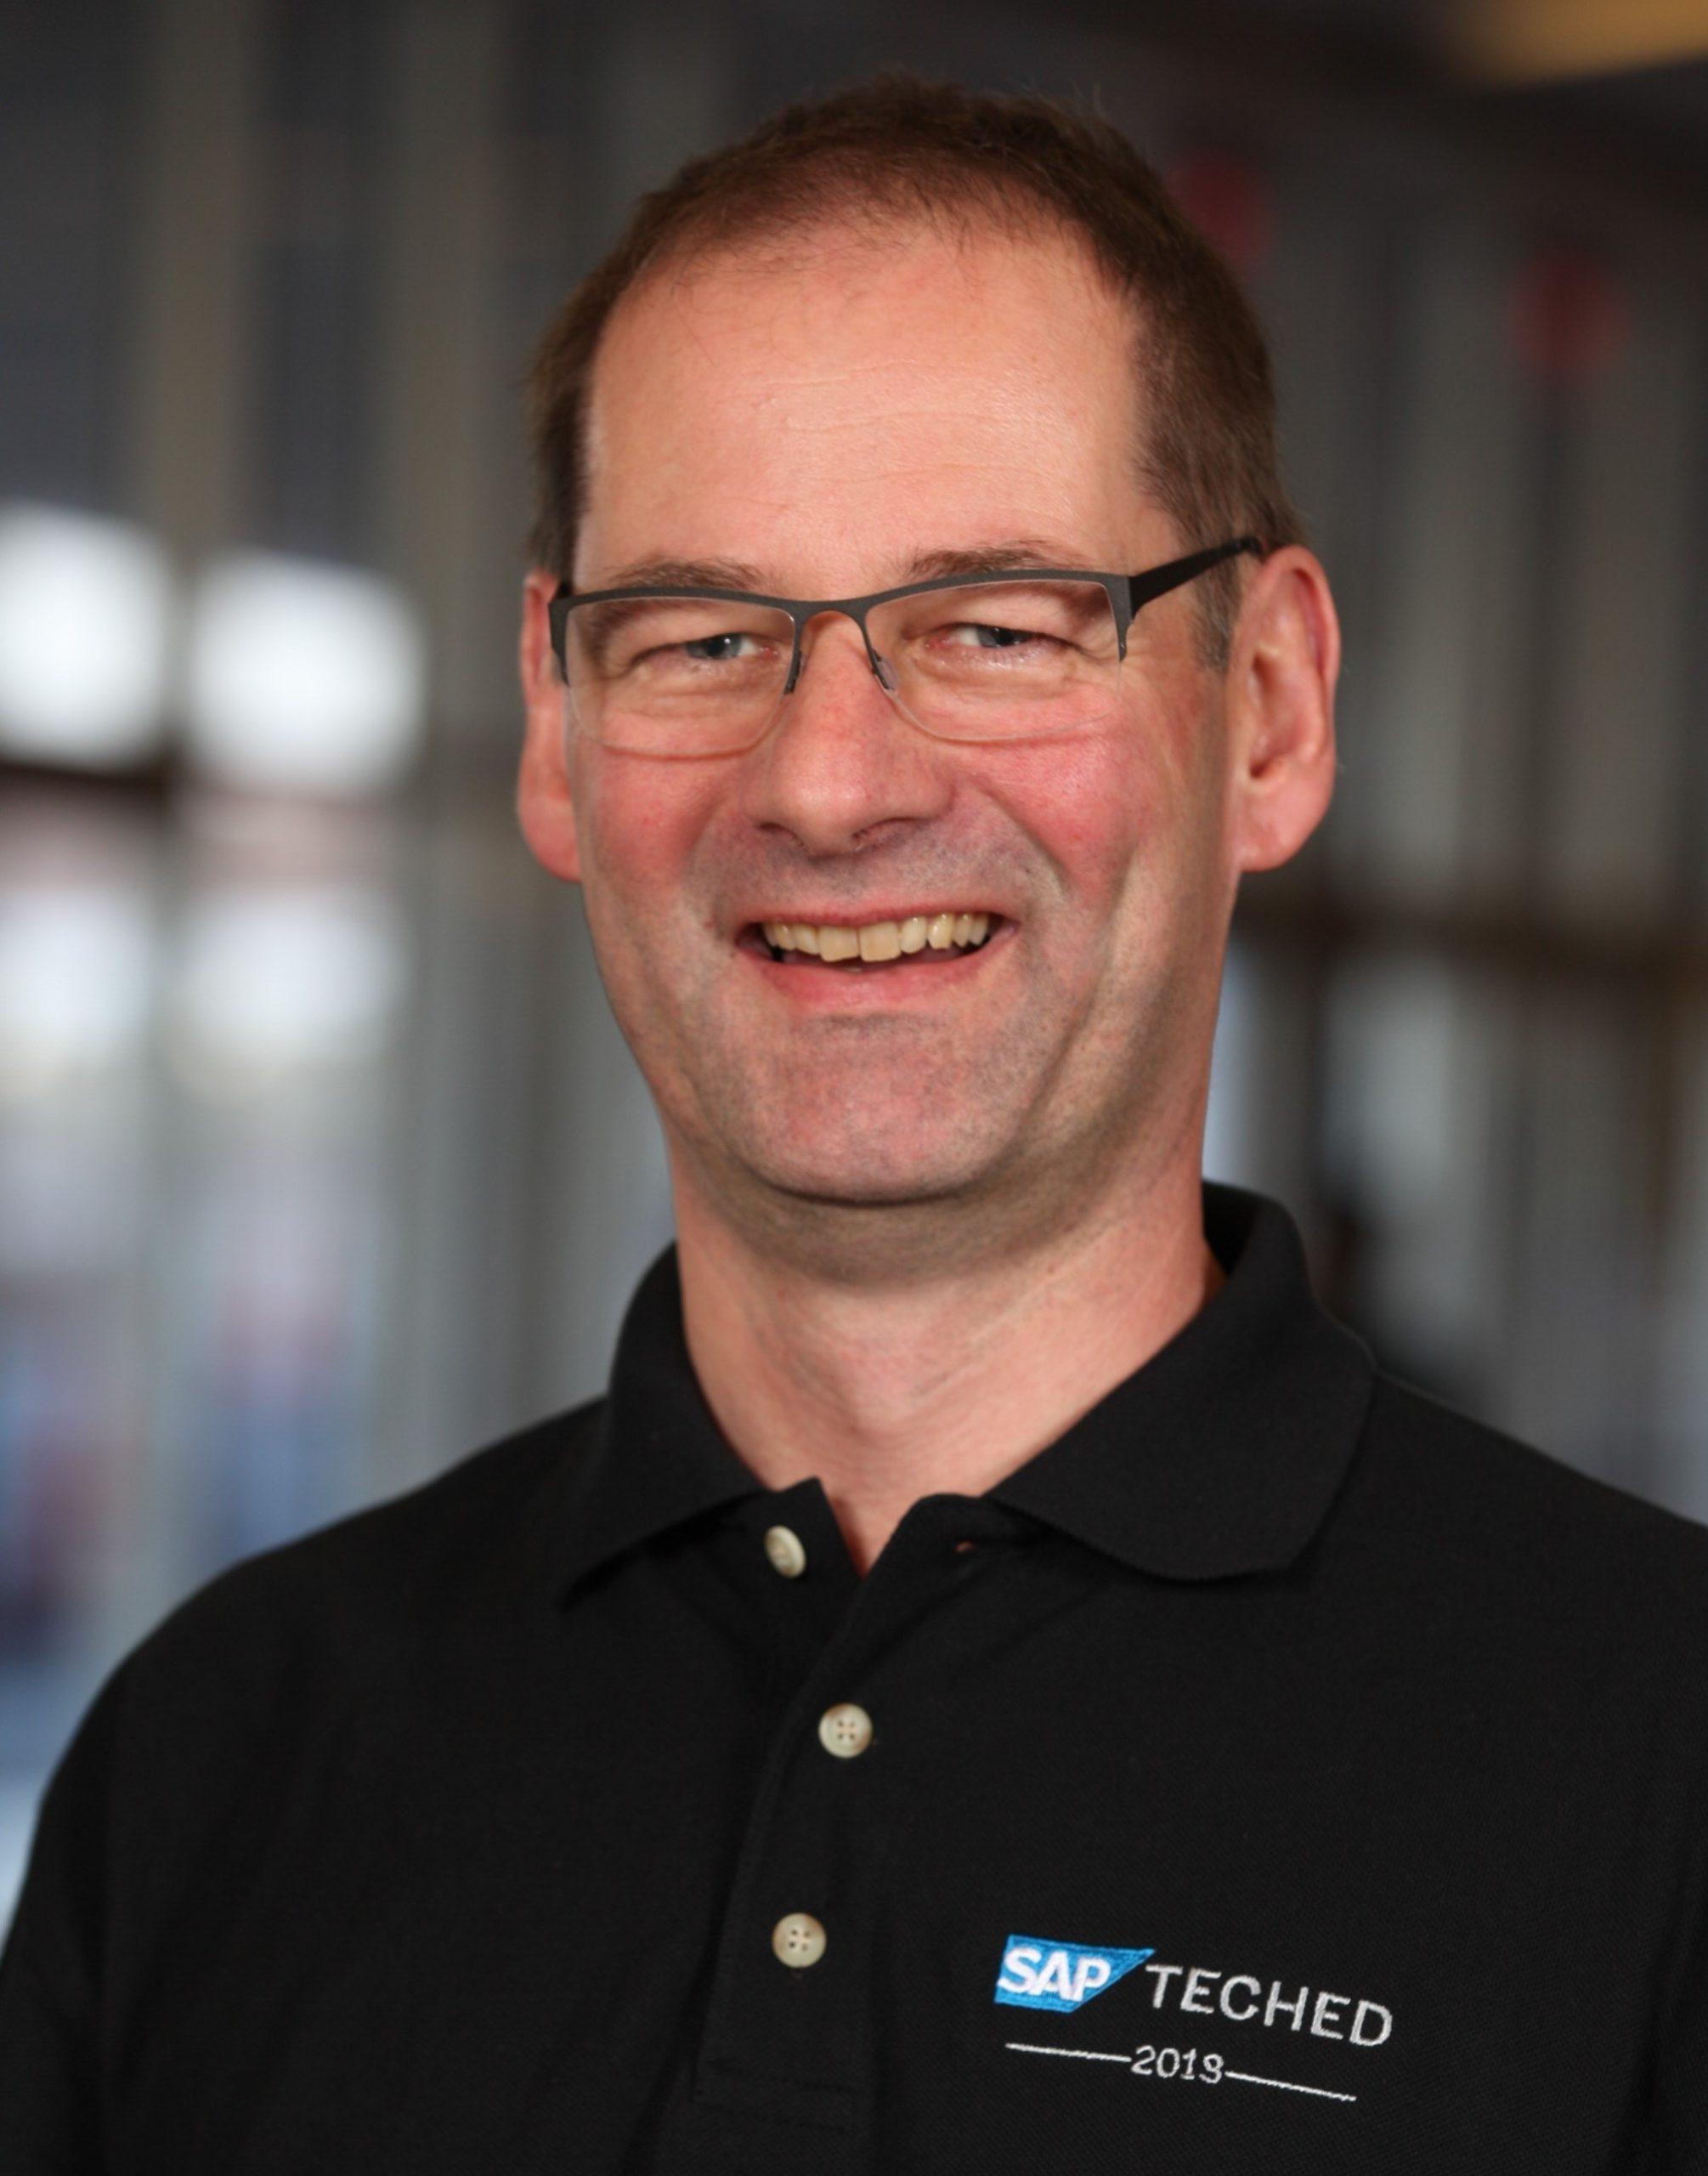 Espresso Tutorials: Dr. Boris Rubarth